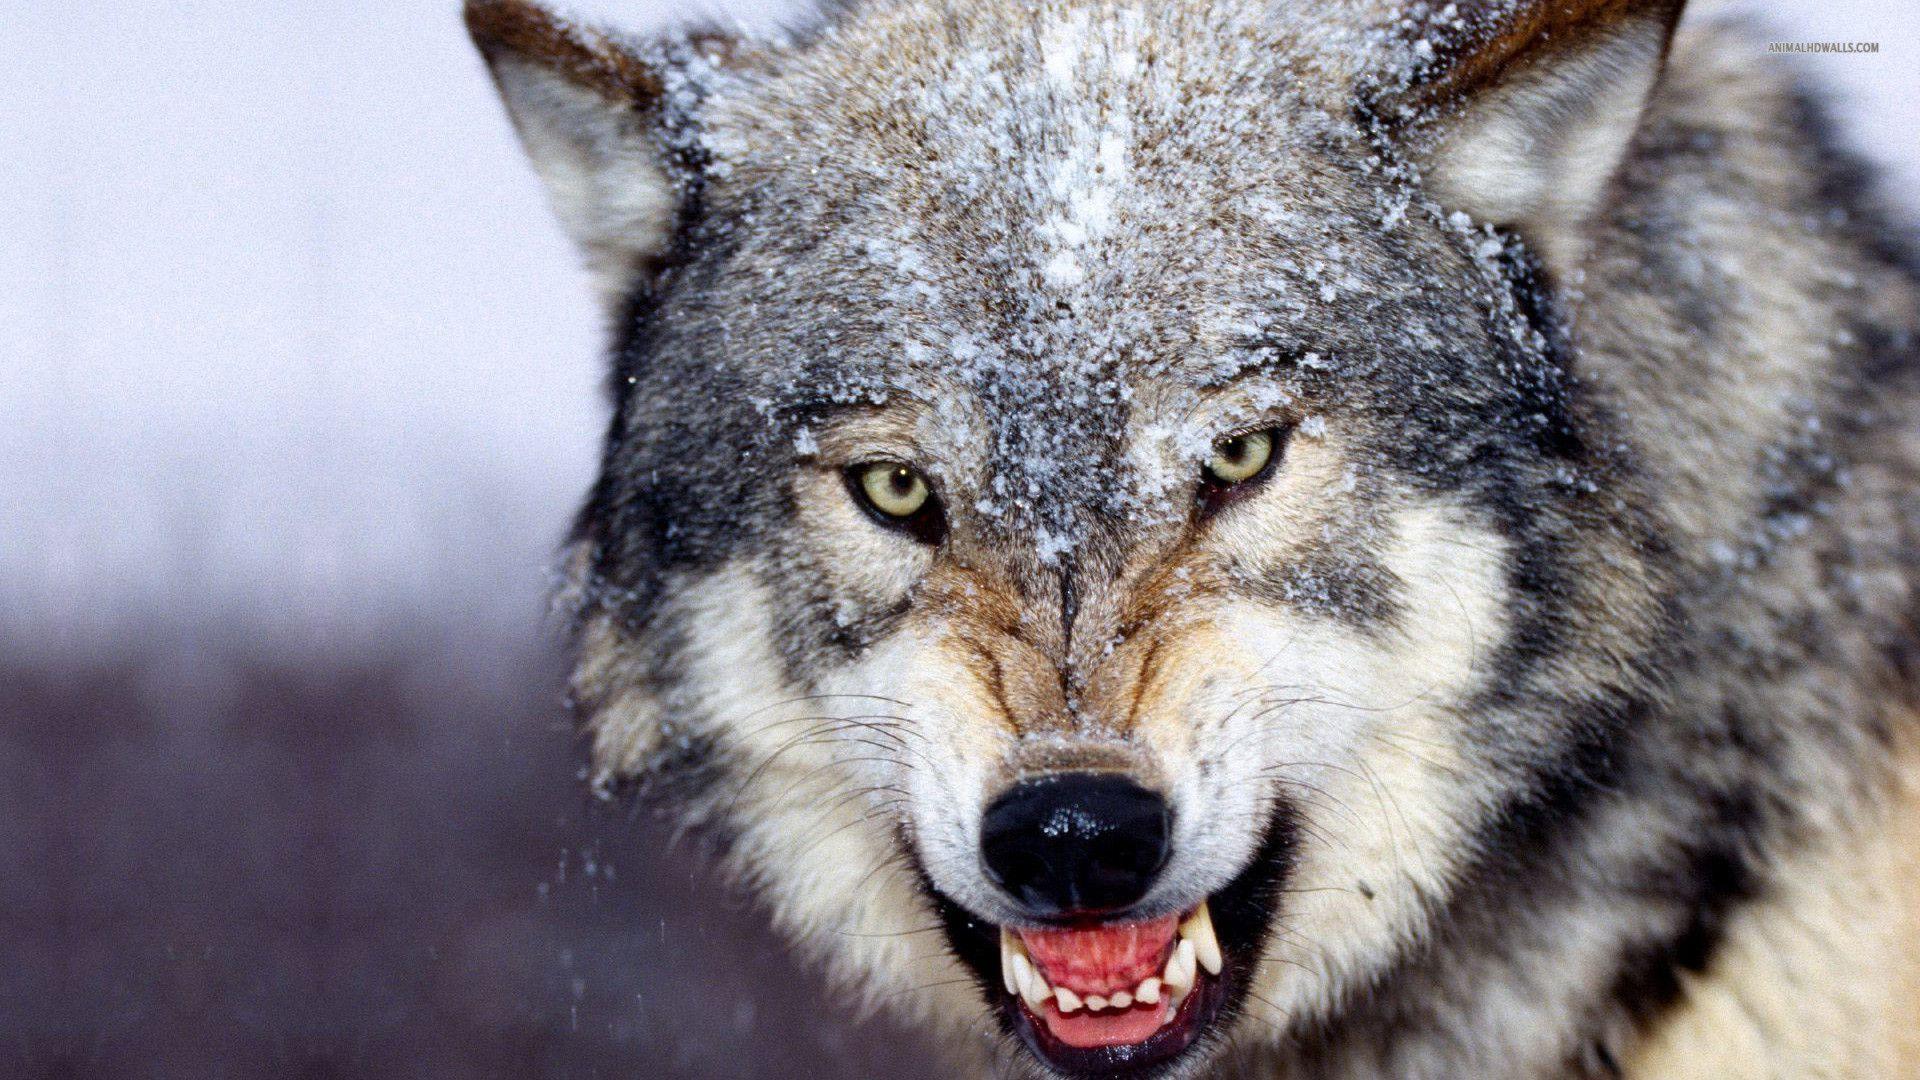 wolf wallpaper 4k for mobile